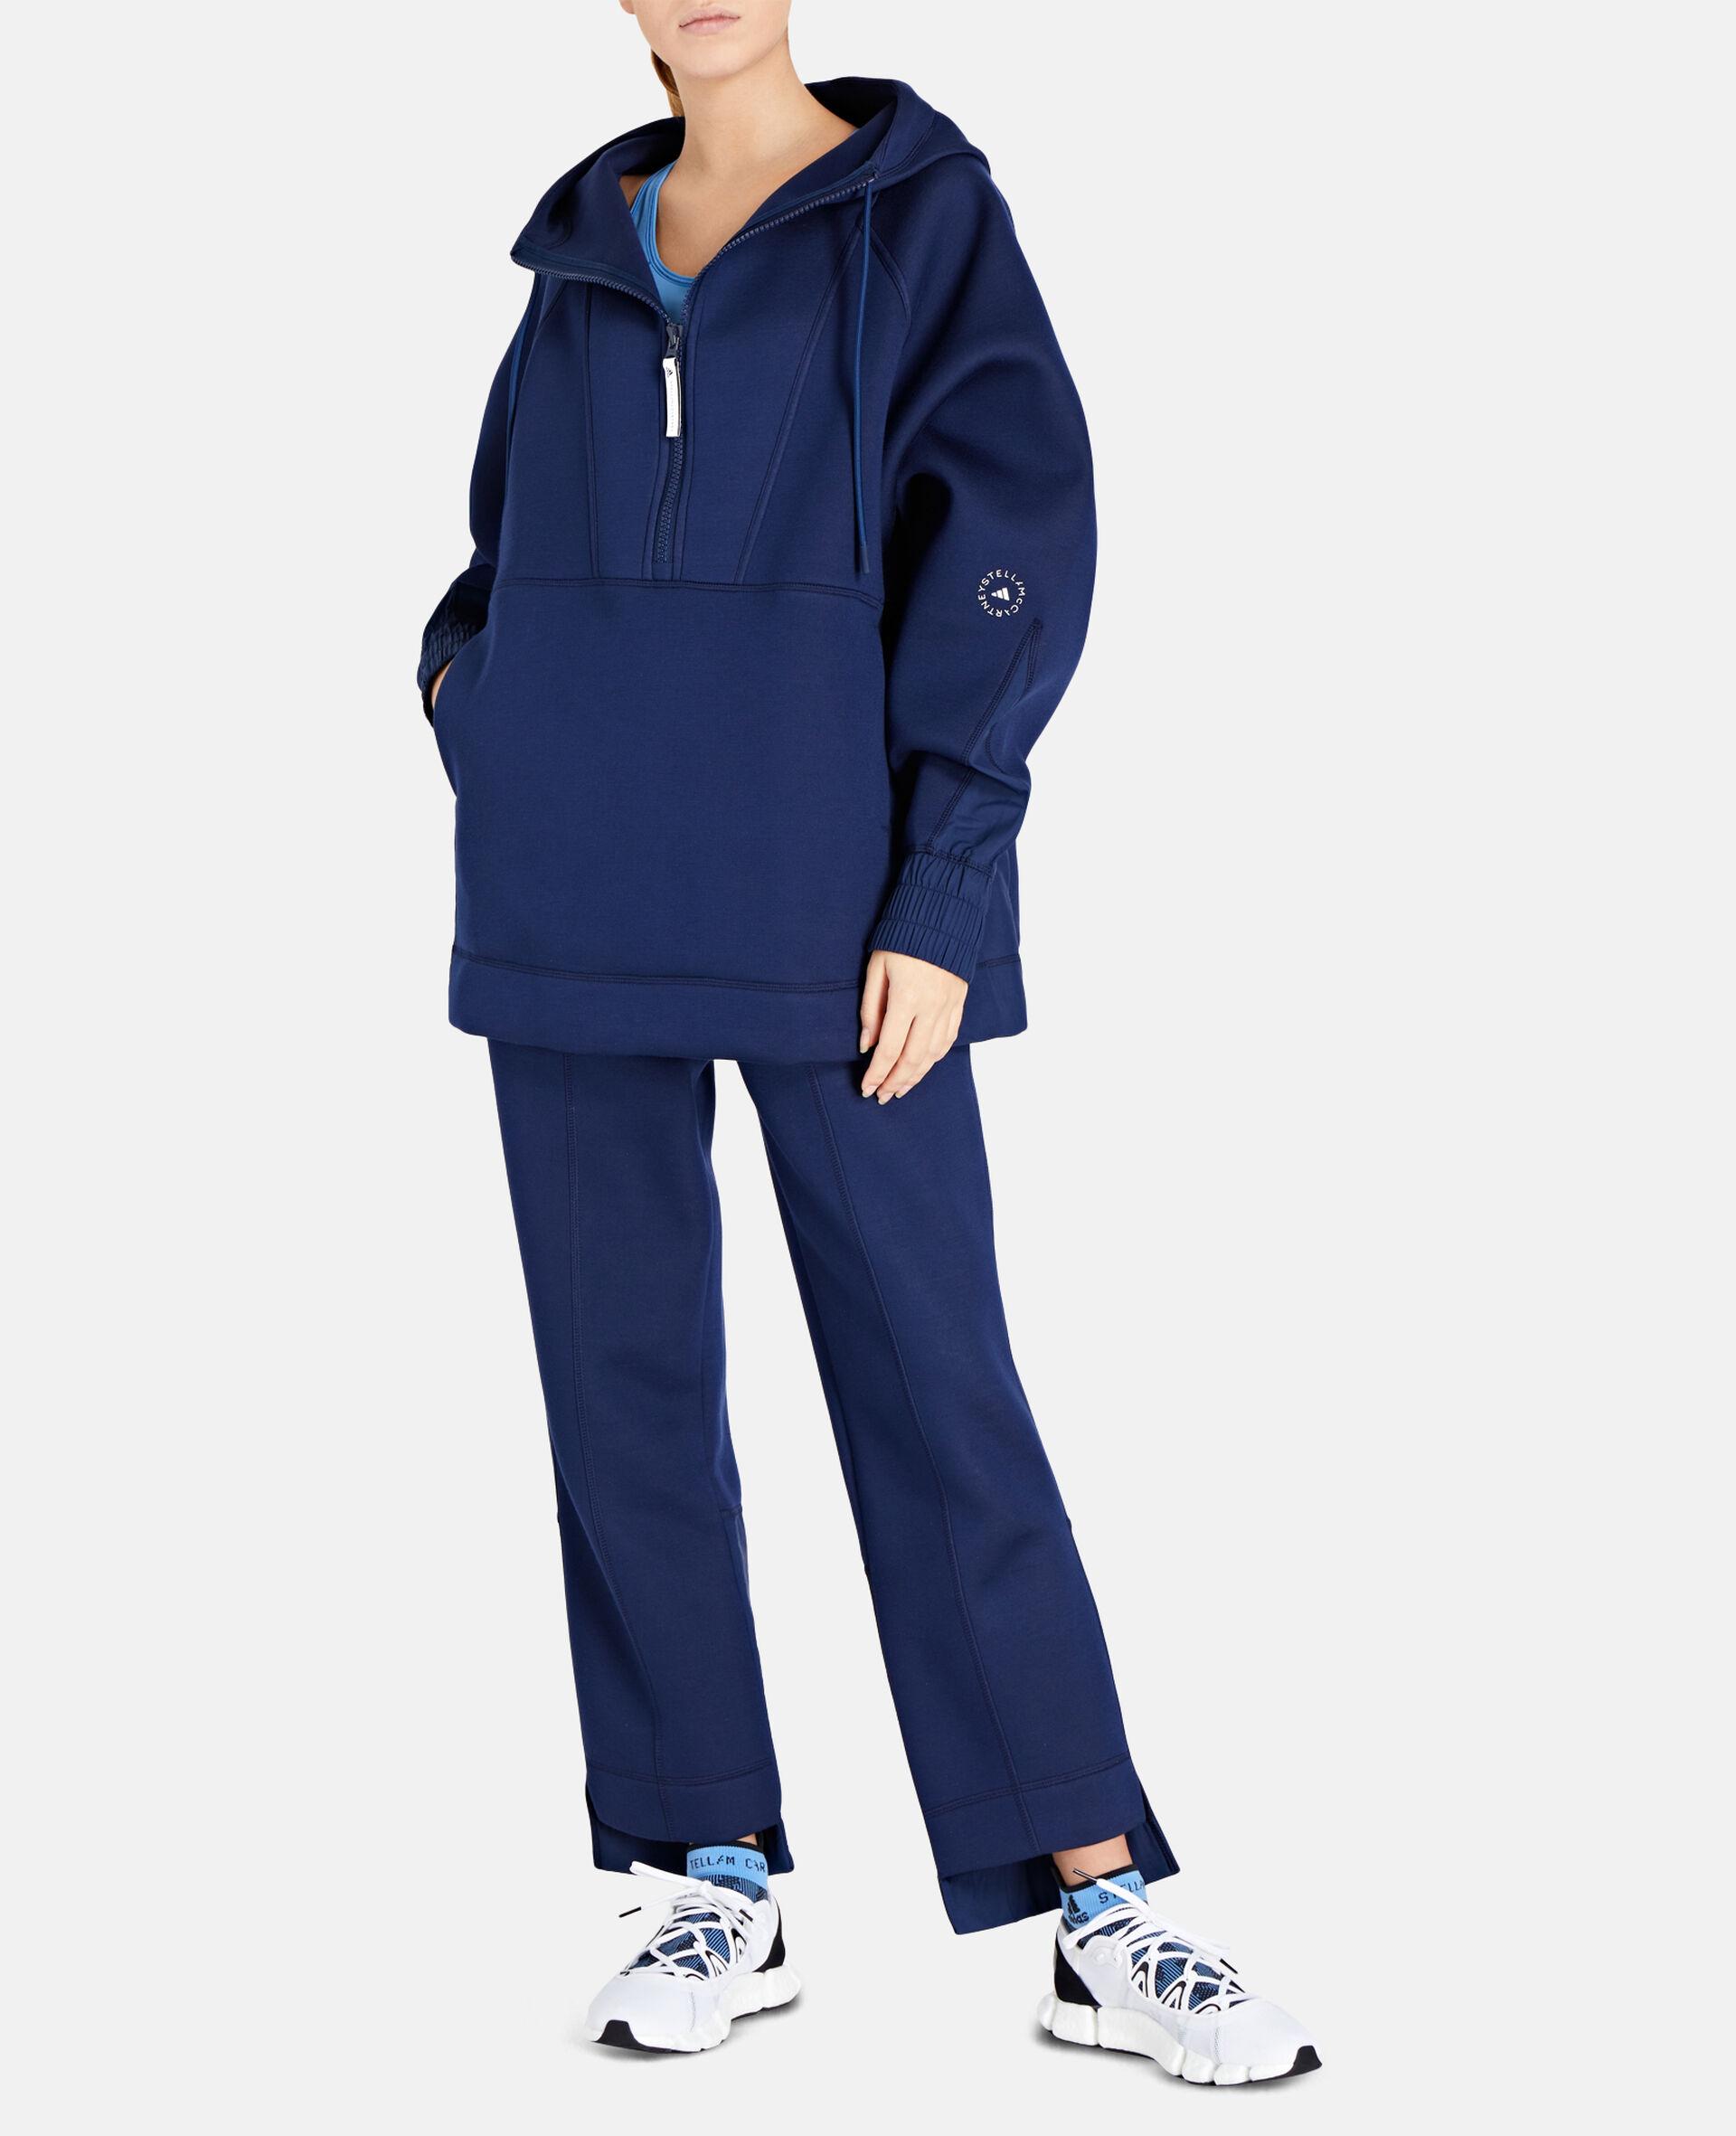 Blue Half-zip Hoodie-Blue-large image number 1